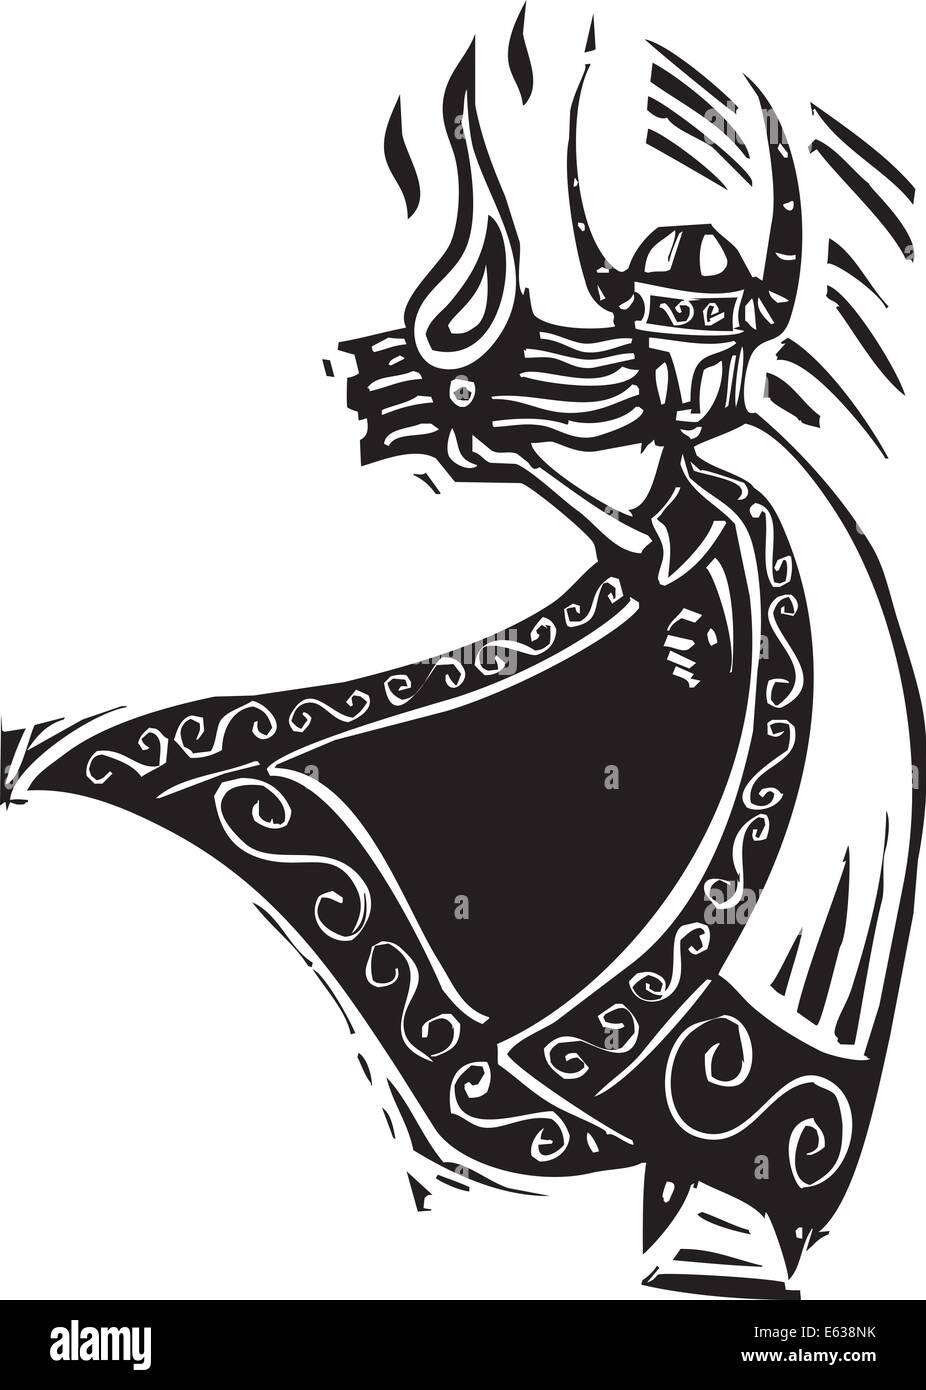 Woodcut Style Image Of The Viking God Loki Stock Vector Art